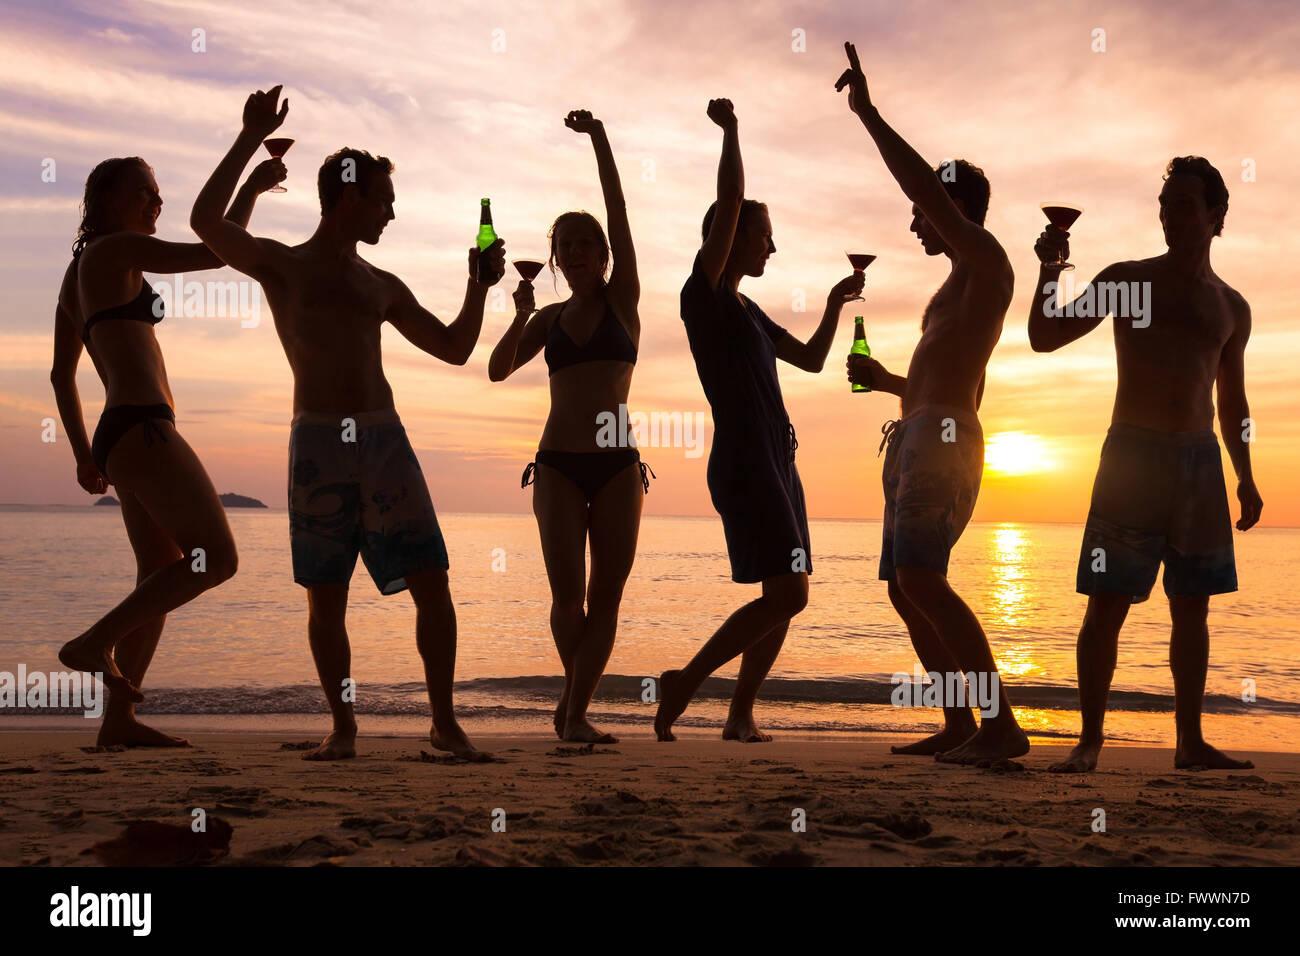 Fiesta en la playa, un grupo de jóvenes bailando, amigos bebiendo cerveza y cócteles al atardecer Imagen De Stock